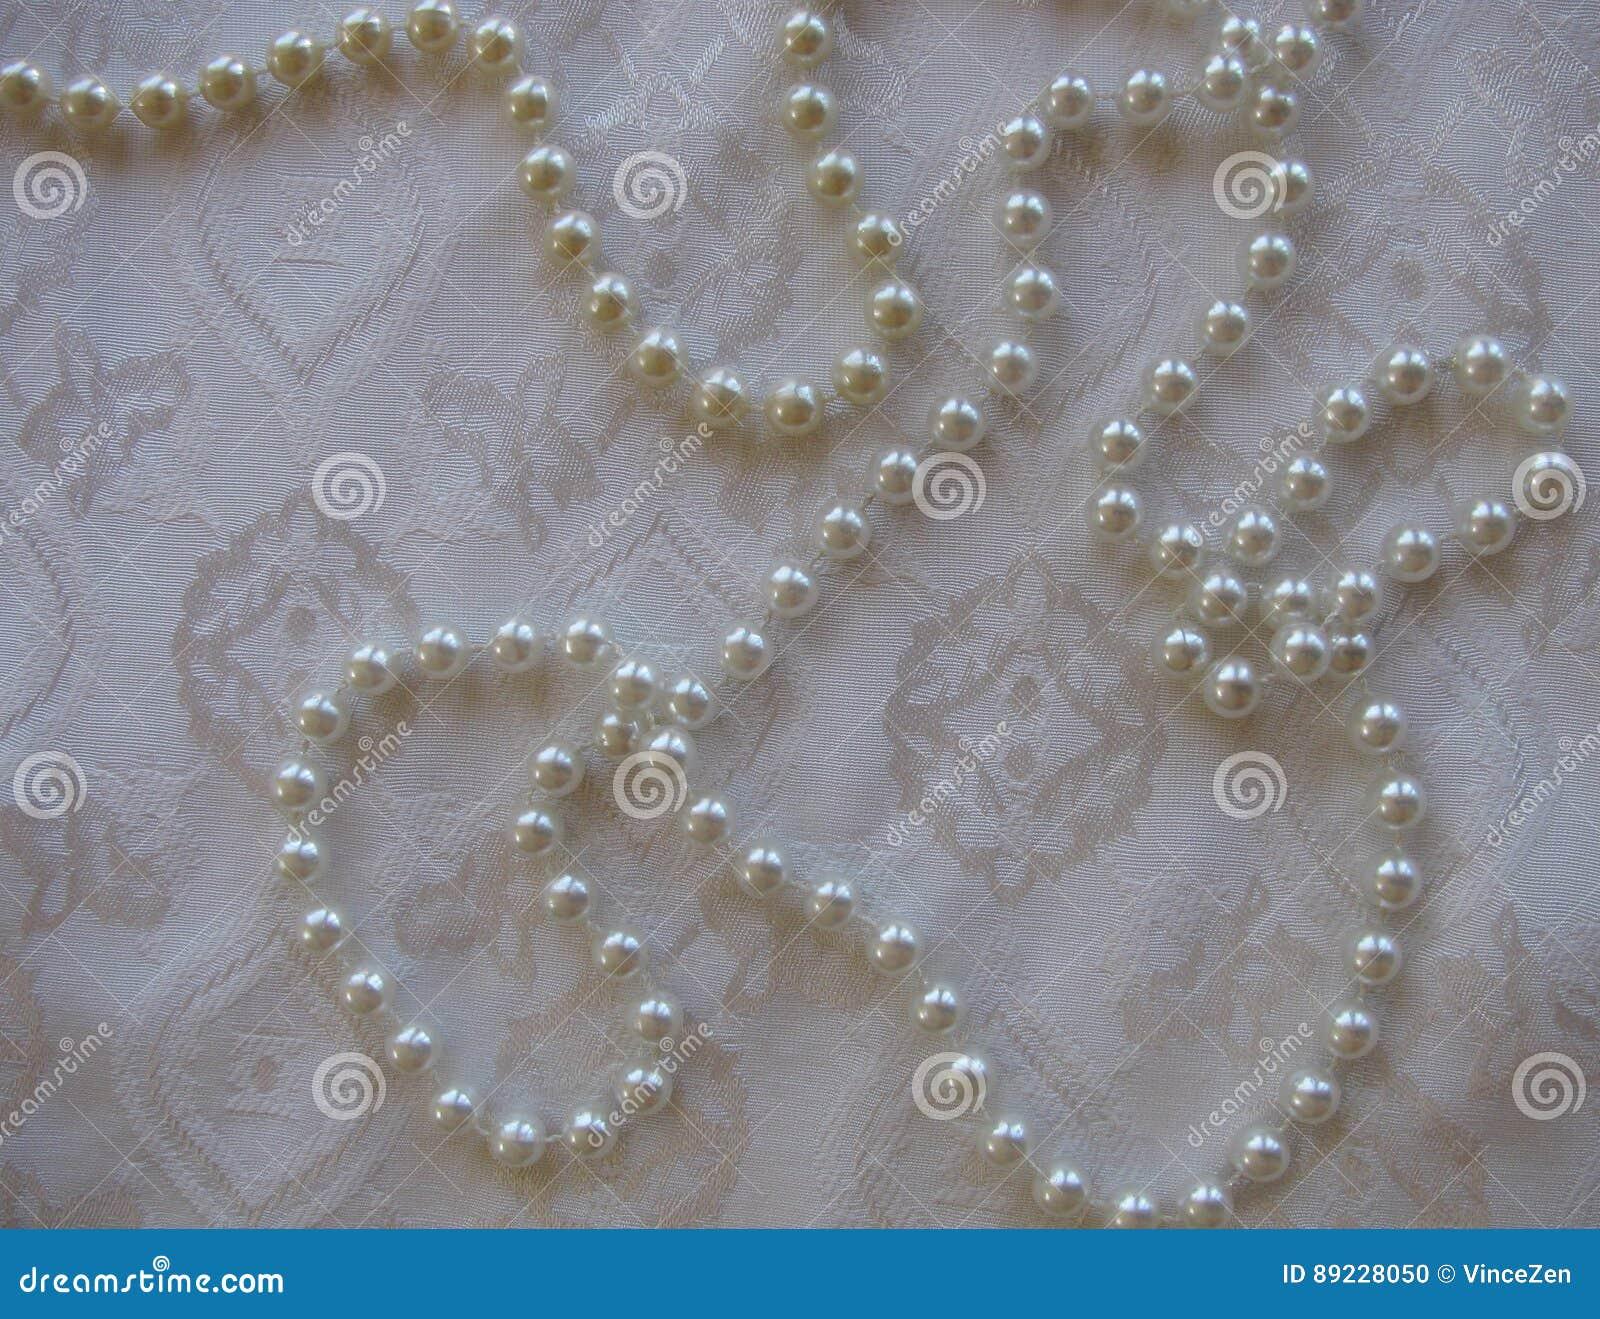 Il fondo strutturato bianco delle perle brillanti sull ricchi ha modellato il tessuto